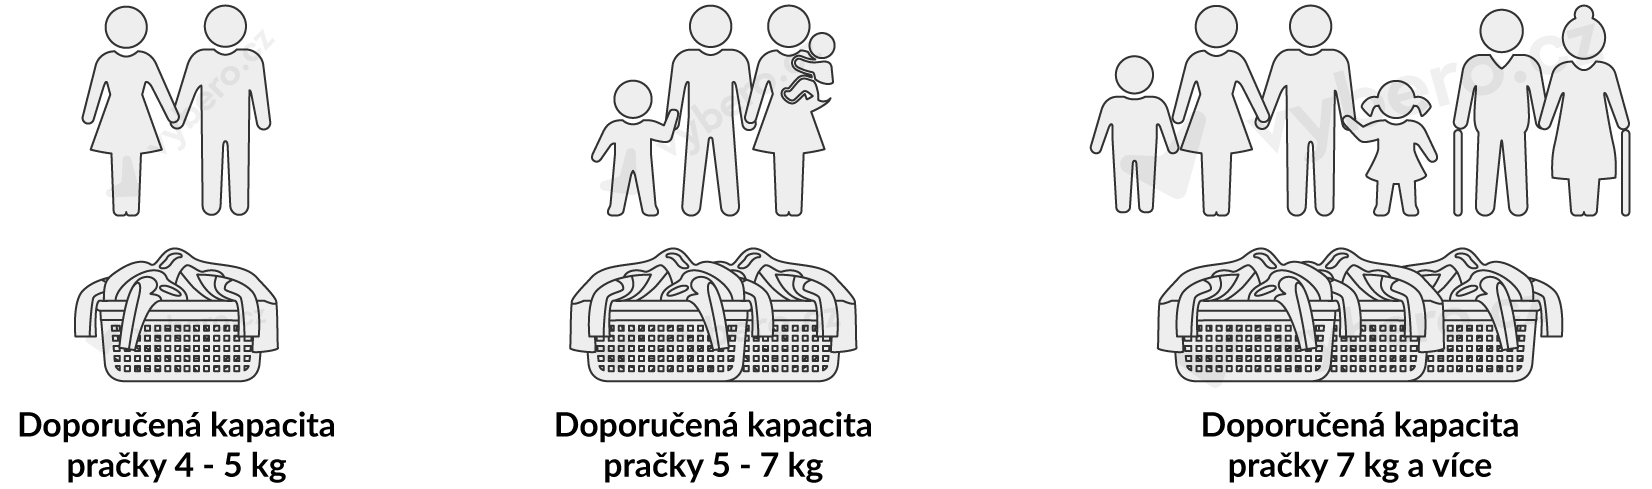 Doporučení kapacity pračky pro různé typy domácností